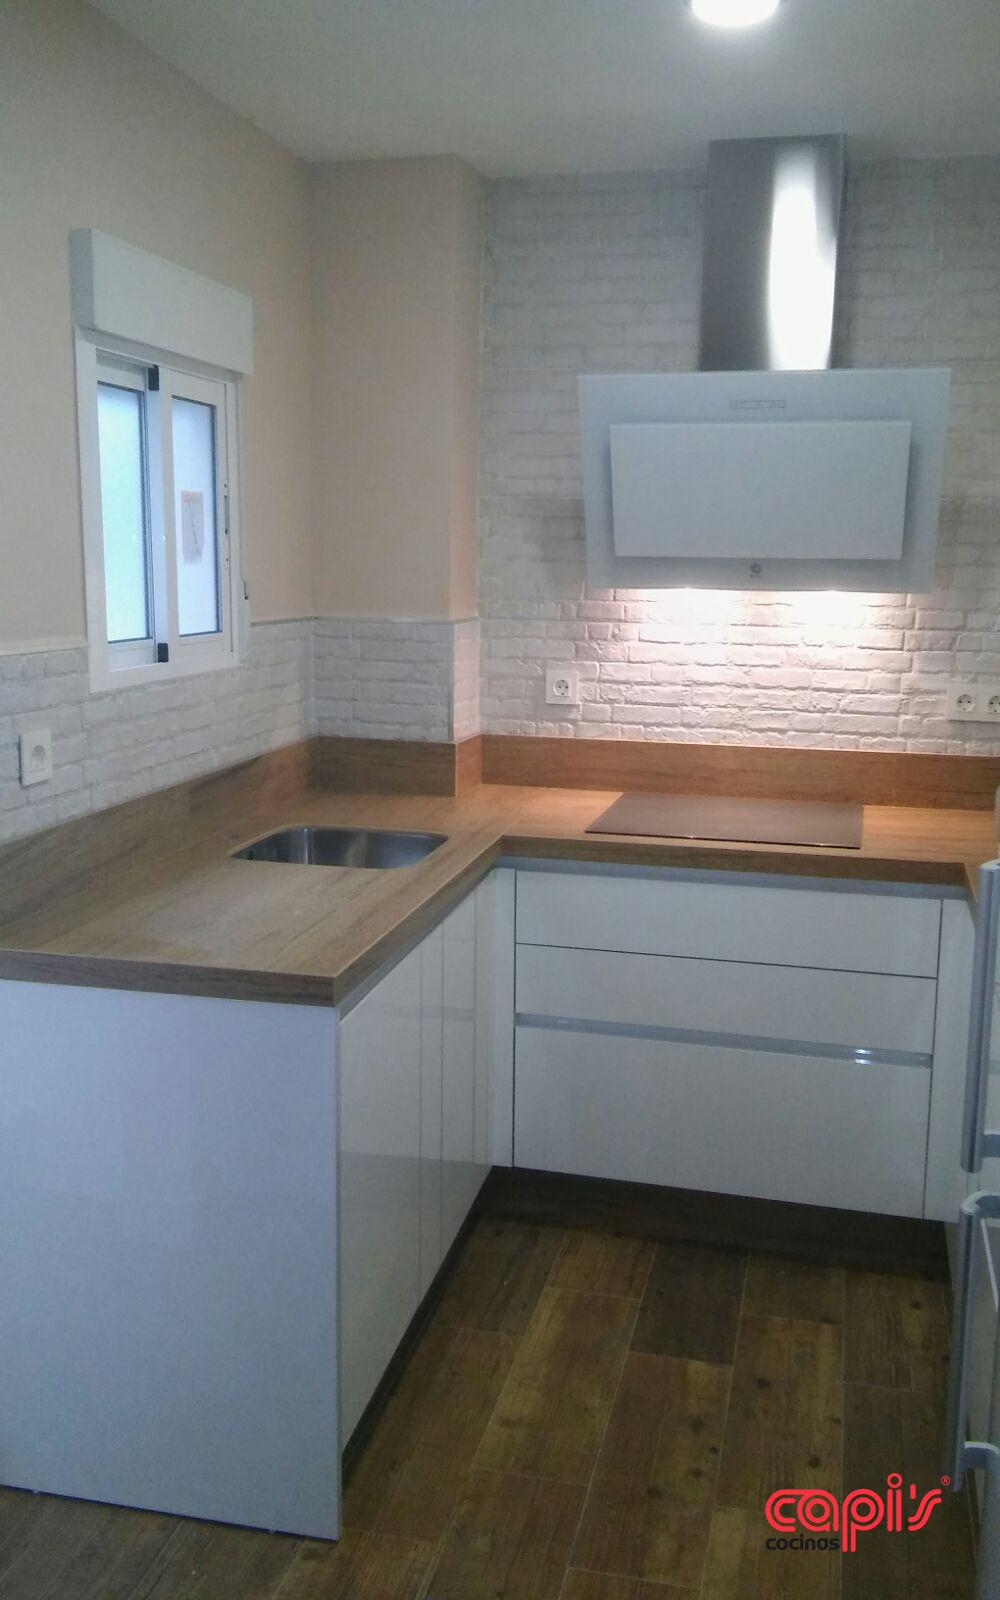 Cocina luxe blanco y valterra cocinas capis dise o y fabricaci n de cocinas en huelvacocinas - Cocinas capi ...